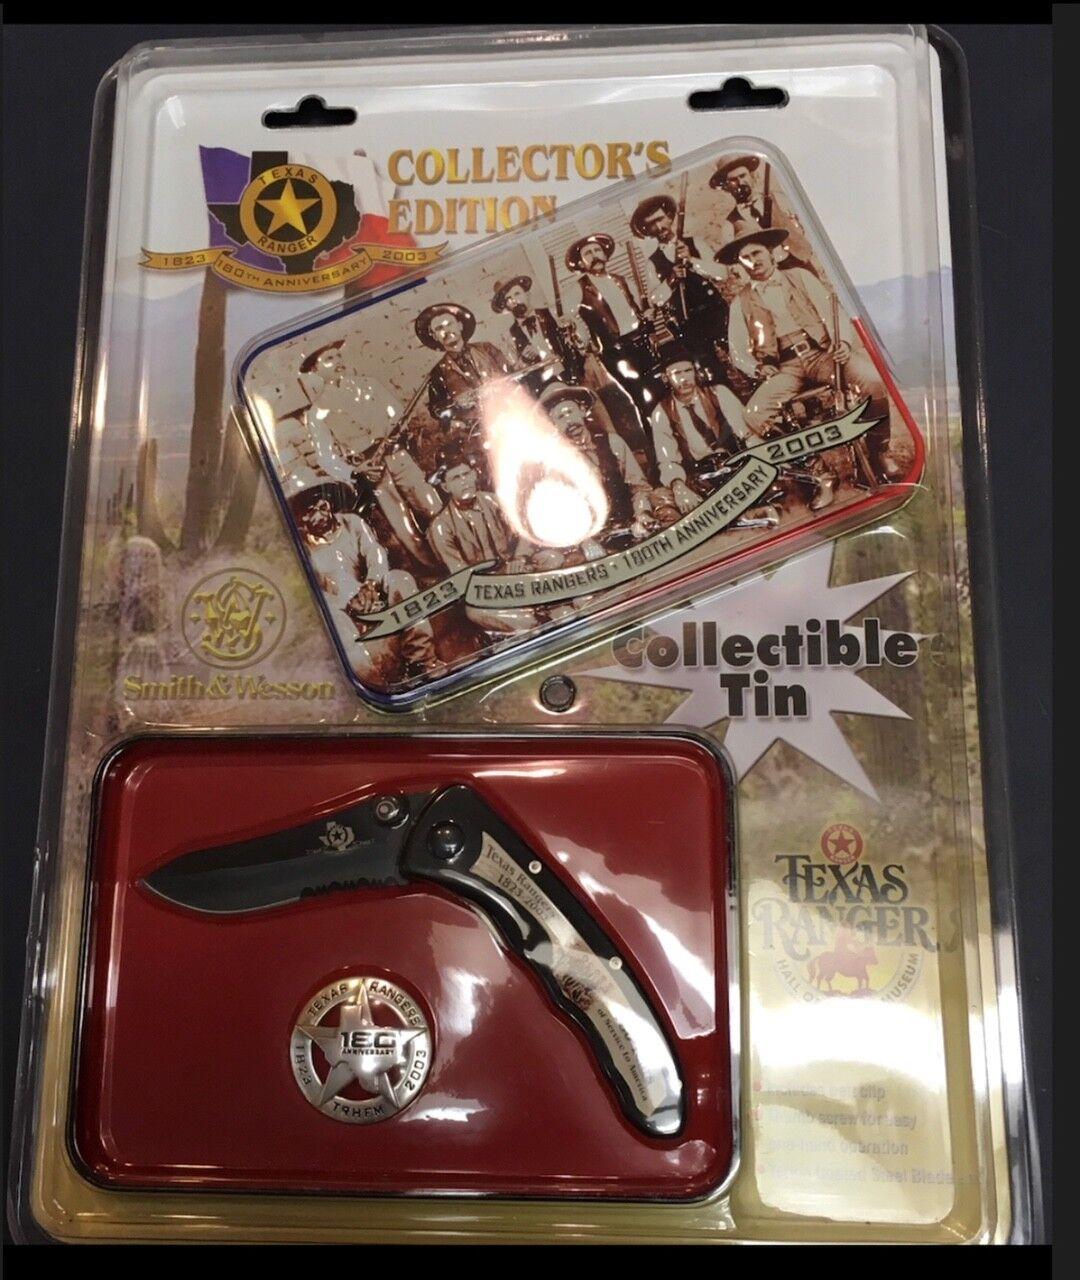 barato y de alta calidad Texas Ranger 180th Aniversario Coleccionistas Lata Lata Lata Caja de almacenamiento, edición 2003.  diseños exclusivos